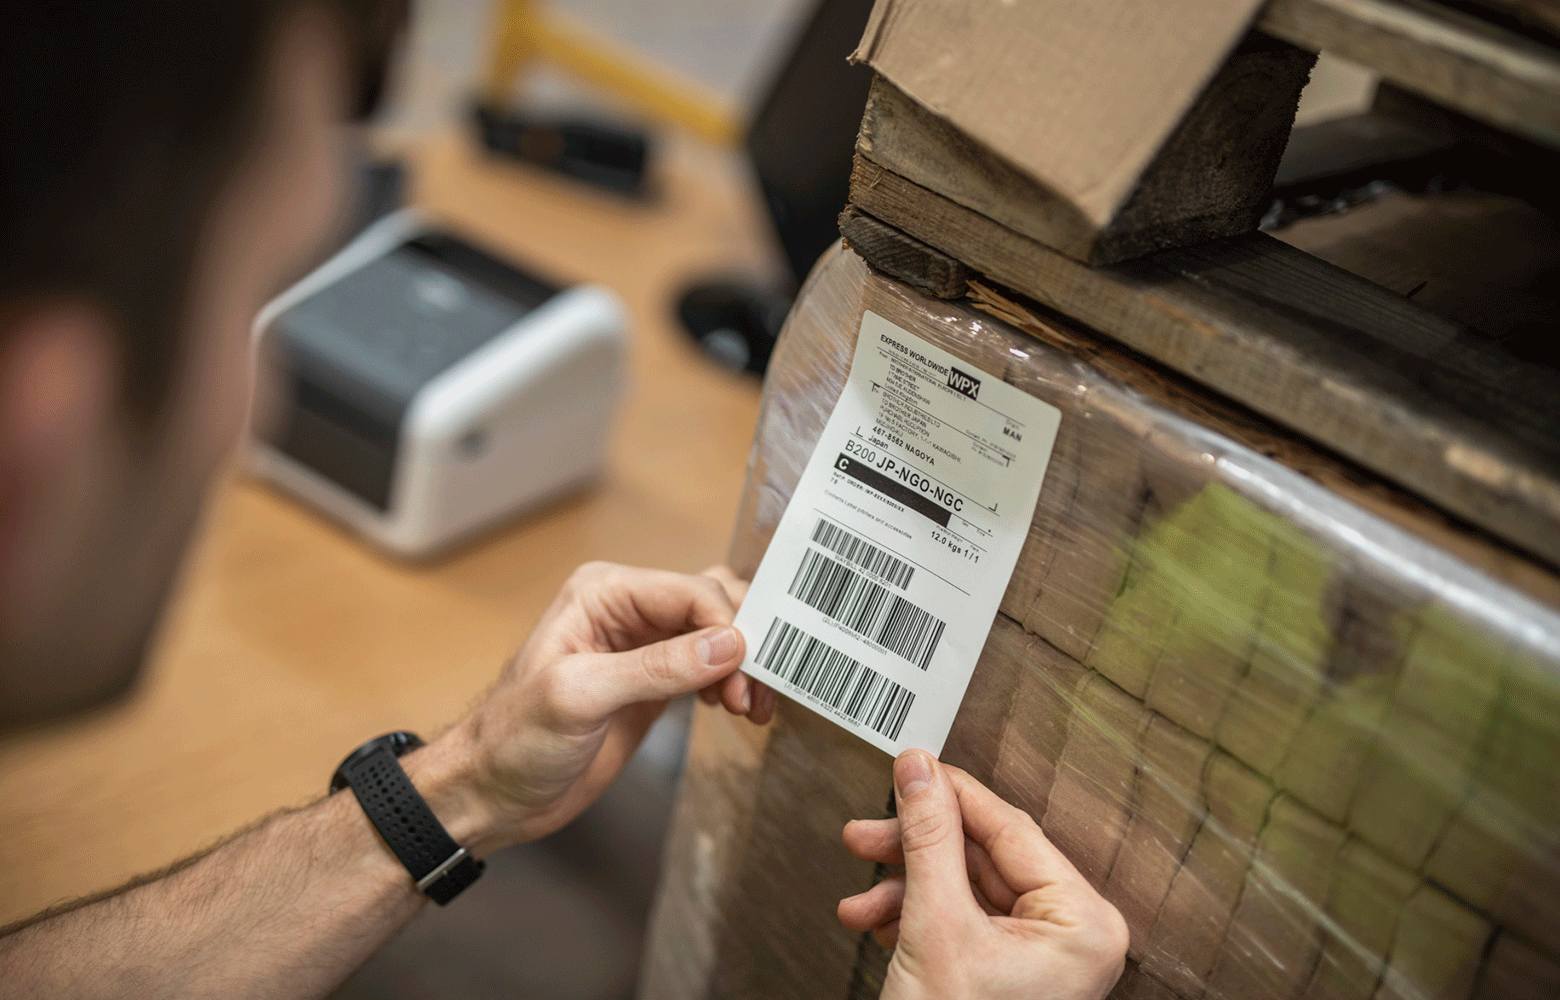 Muž lepí na krabice štítky s popisem doručení